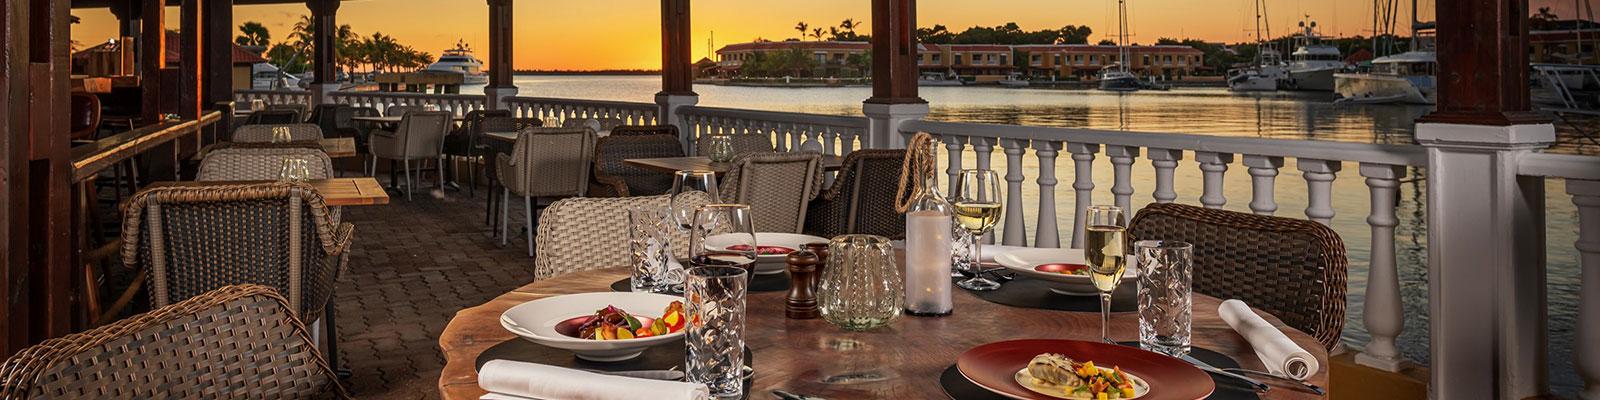 oscars-lighthouse-restaurant-bonaire-slider-5